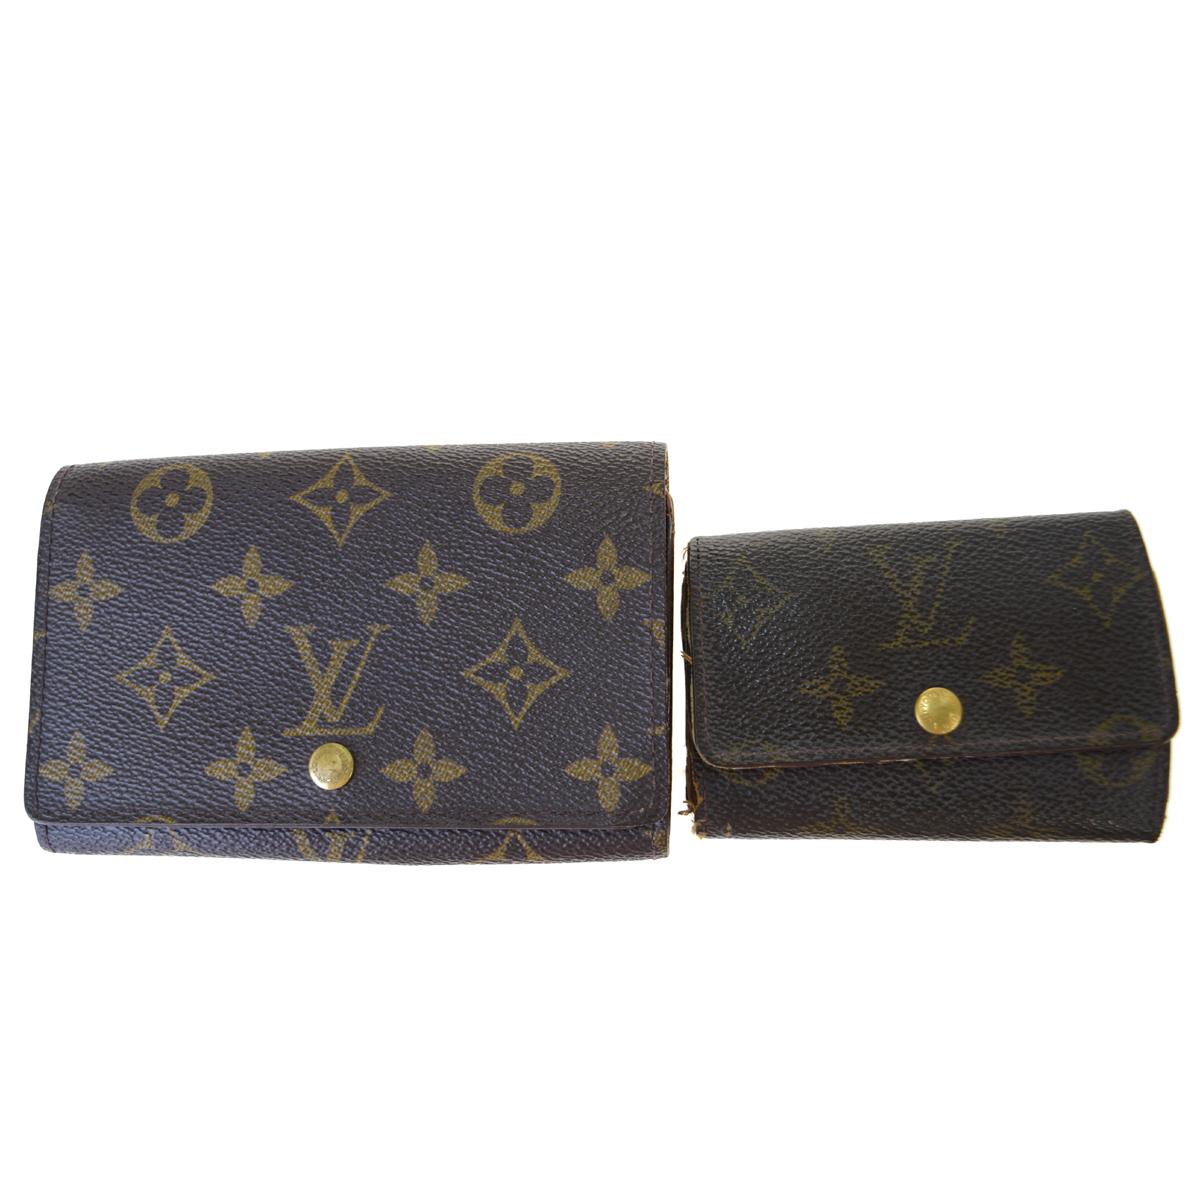 【中古】 ルイ・ヴィトン(Louis Vuitton) 2点セット キーケース M62630 M61730 モノグラム 中財布(二つ折り) ブラウン 03PA209